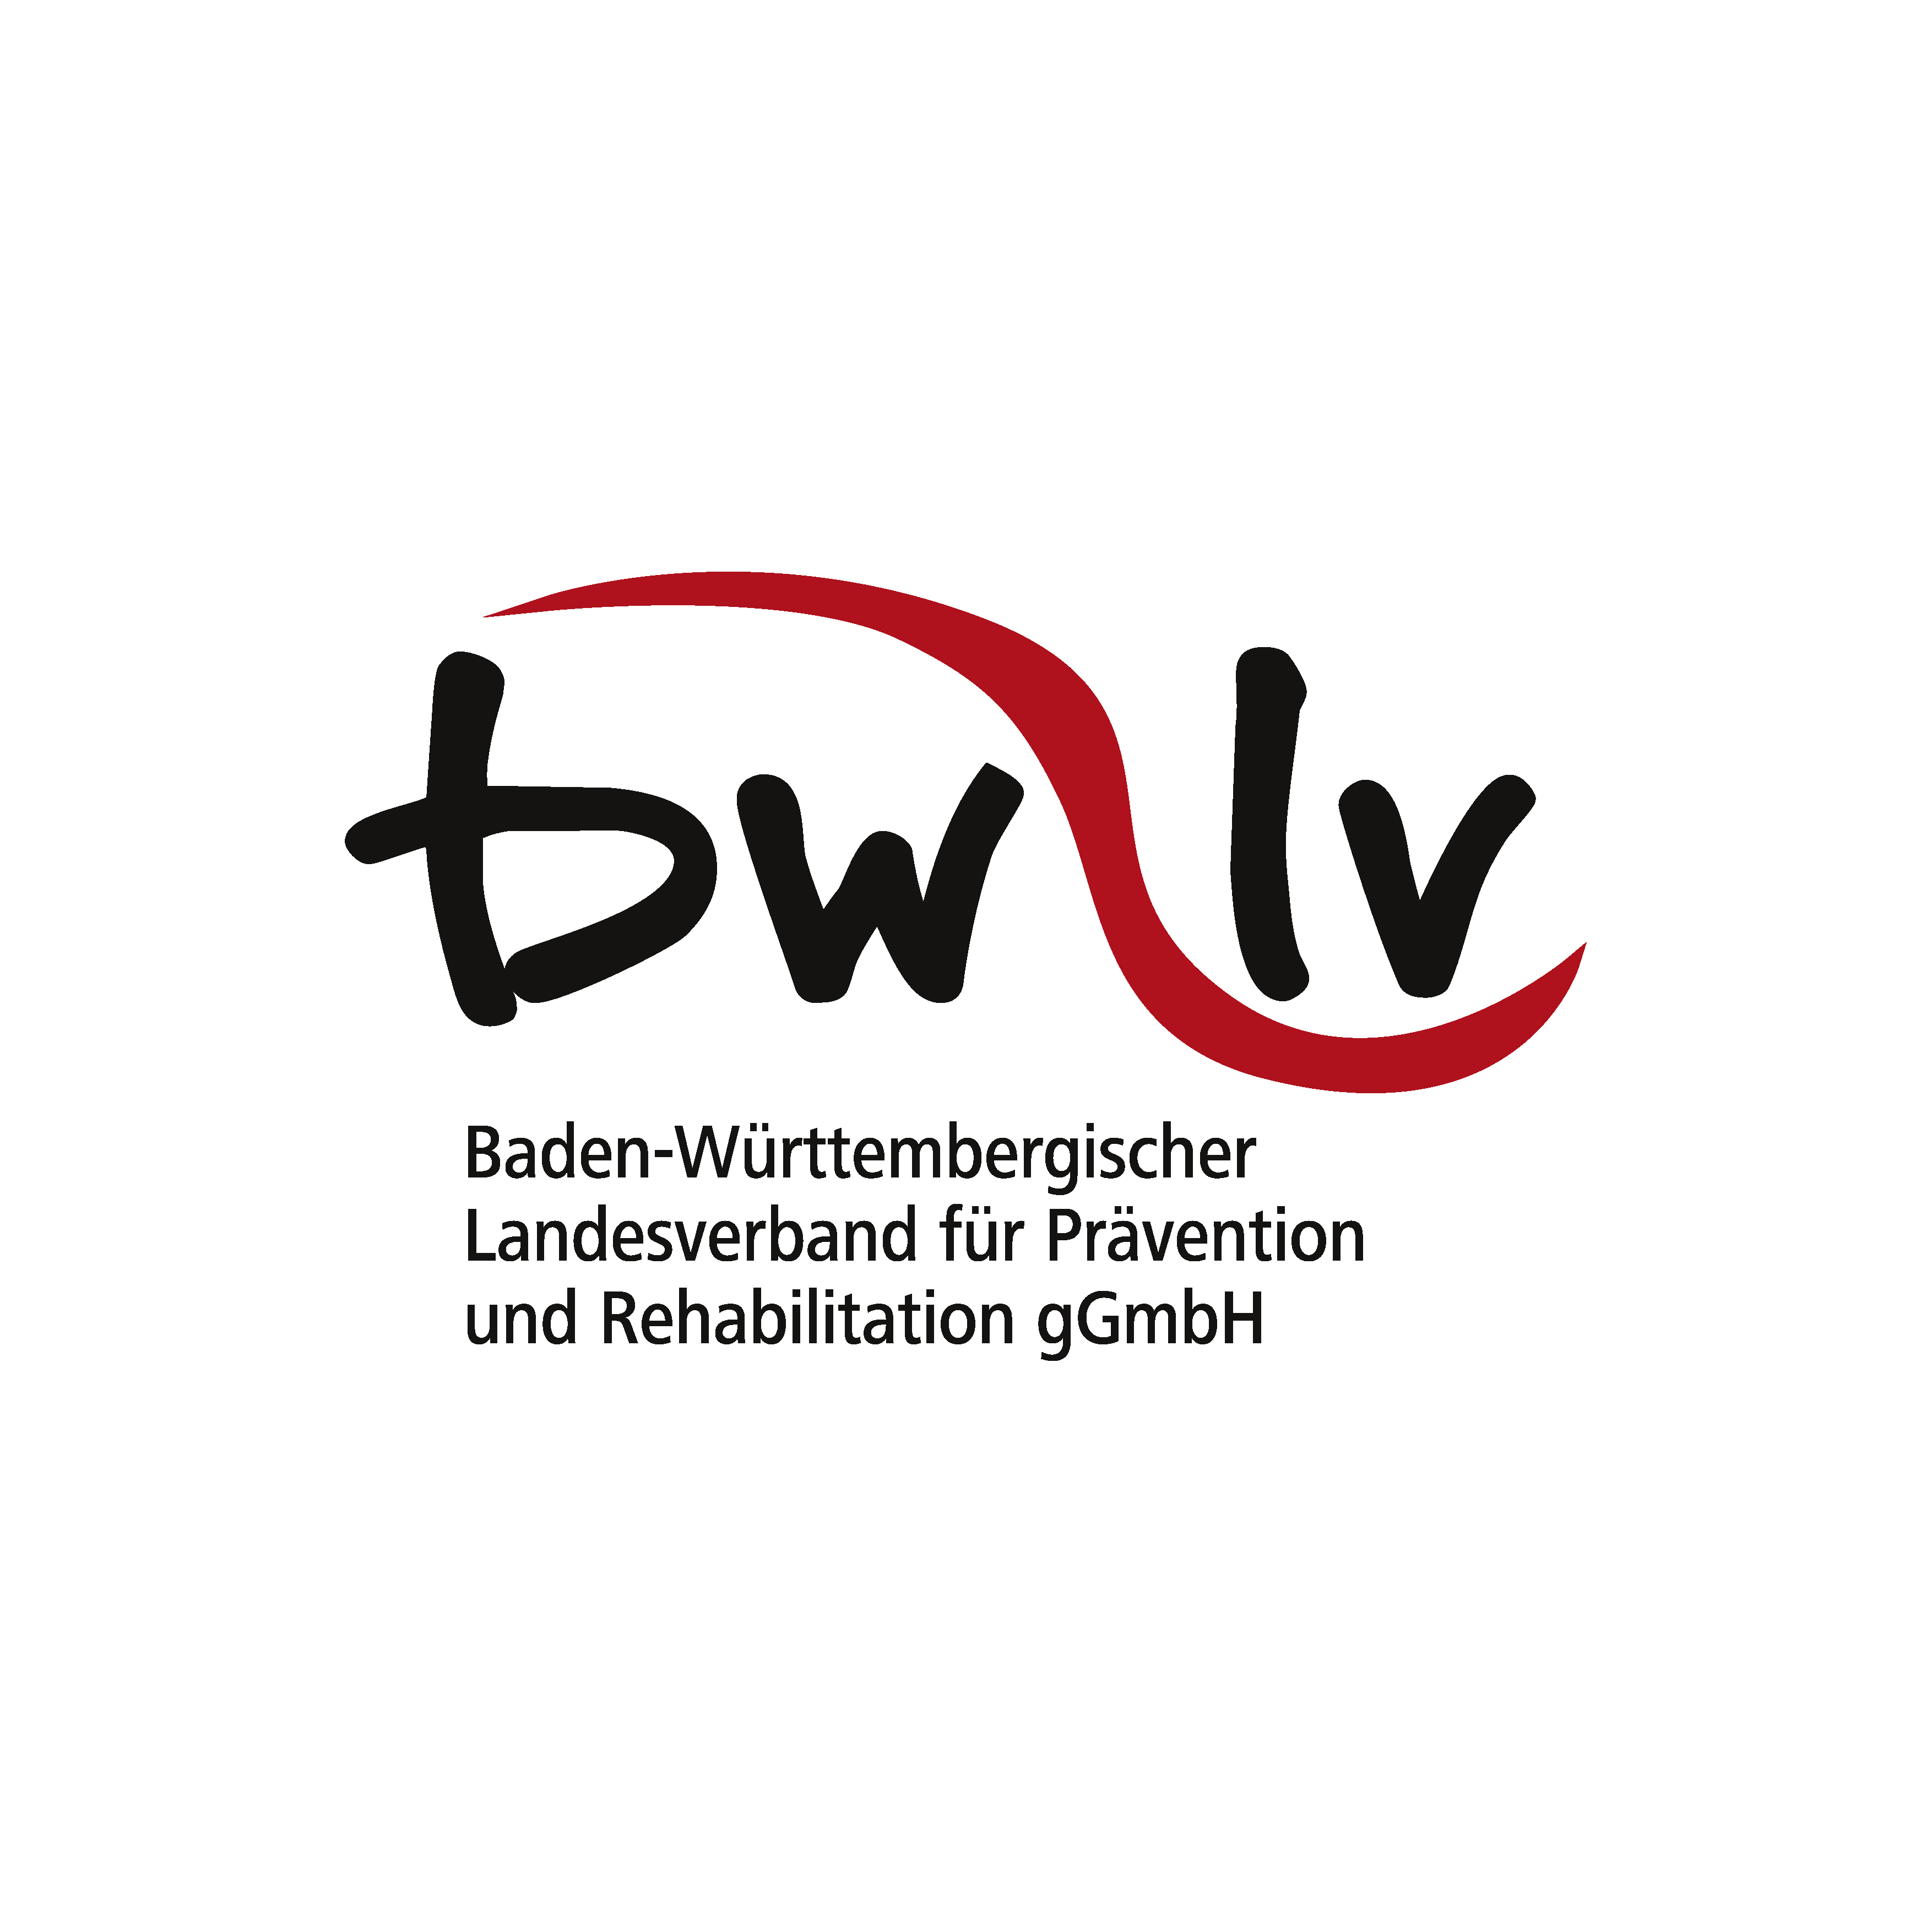 So Wollen Wir Wohnen Bw: Baden-Württembergischer Landesverband GGmbH: Spende